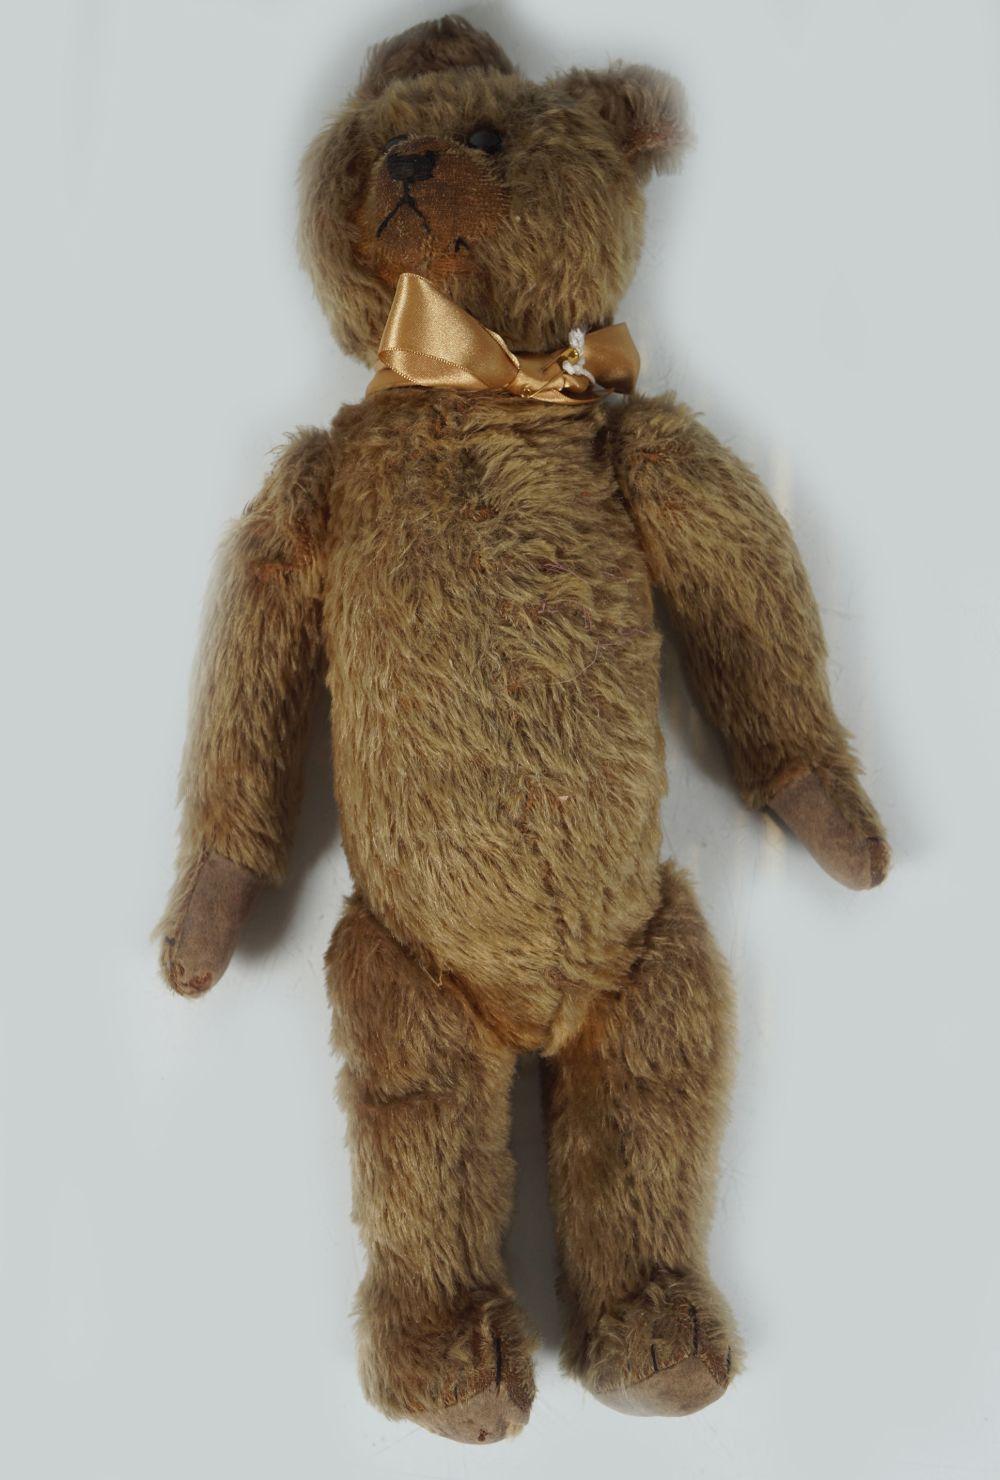 EARLY 20TH-CENTURY TEDDY BEAR